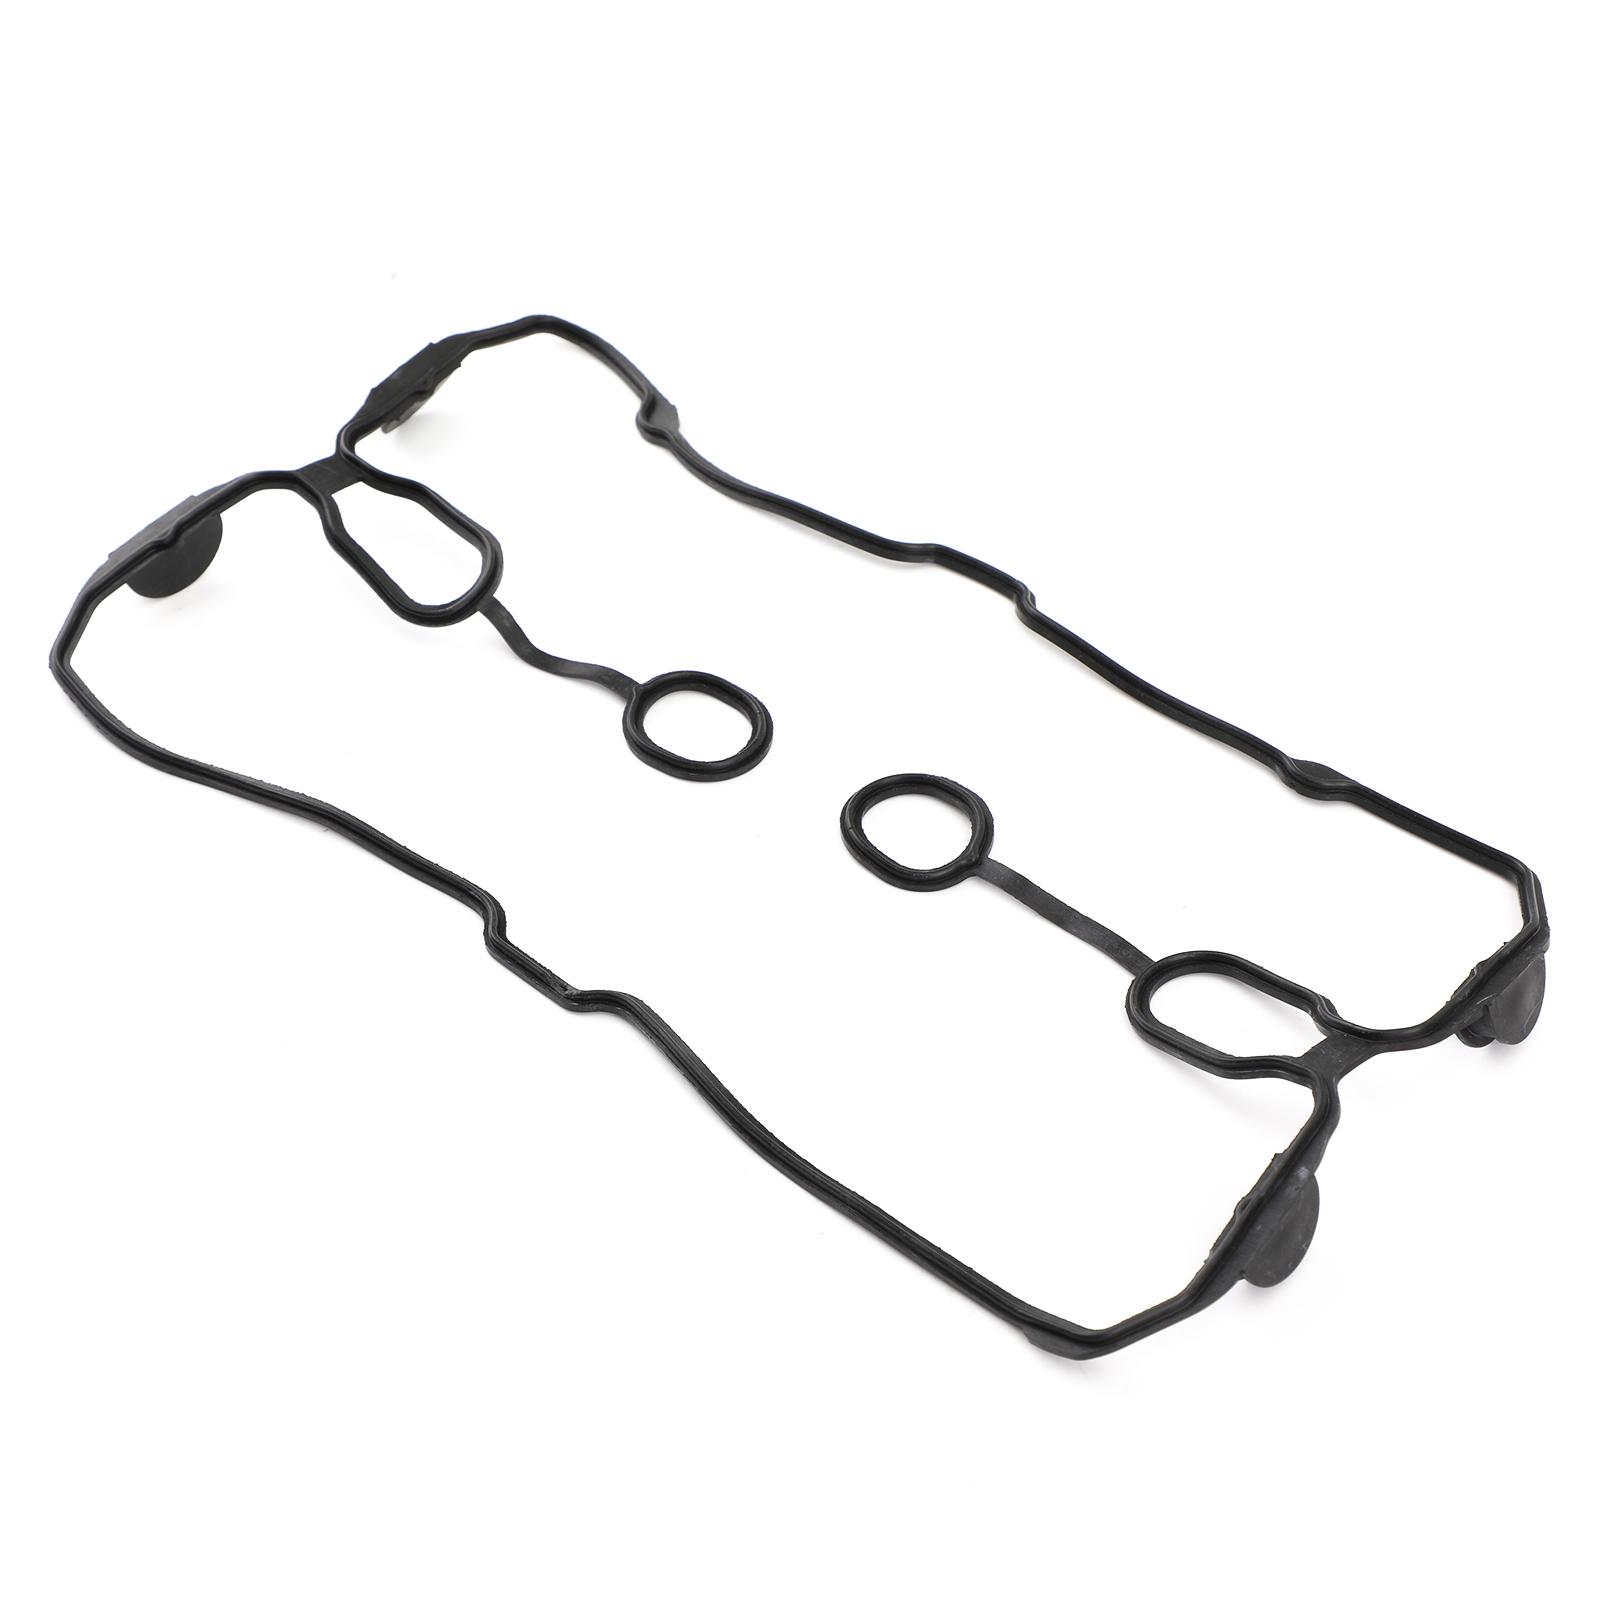 Valve Cover Gasket Seal For Honda CB400 SUPER FOUR CB400SF